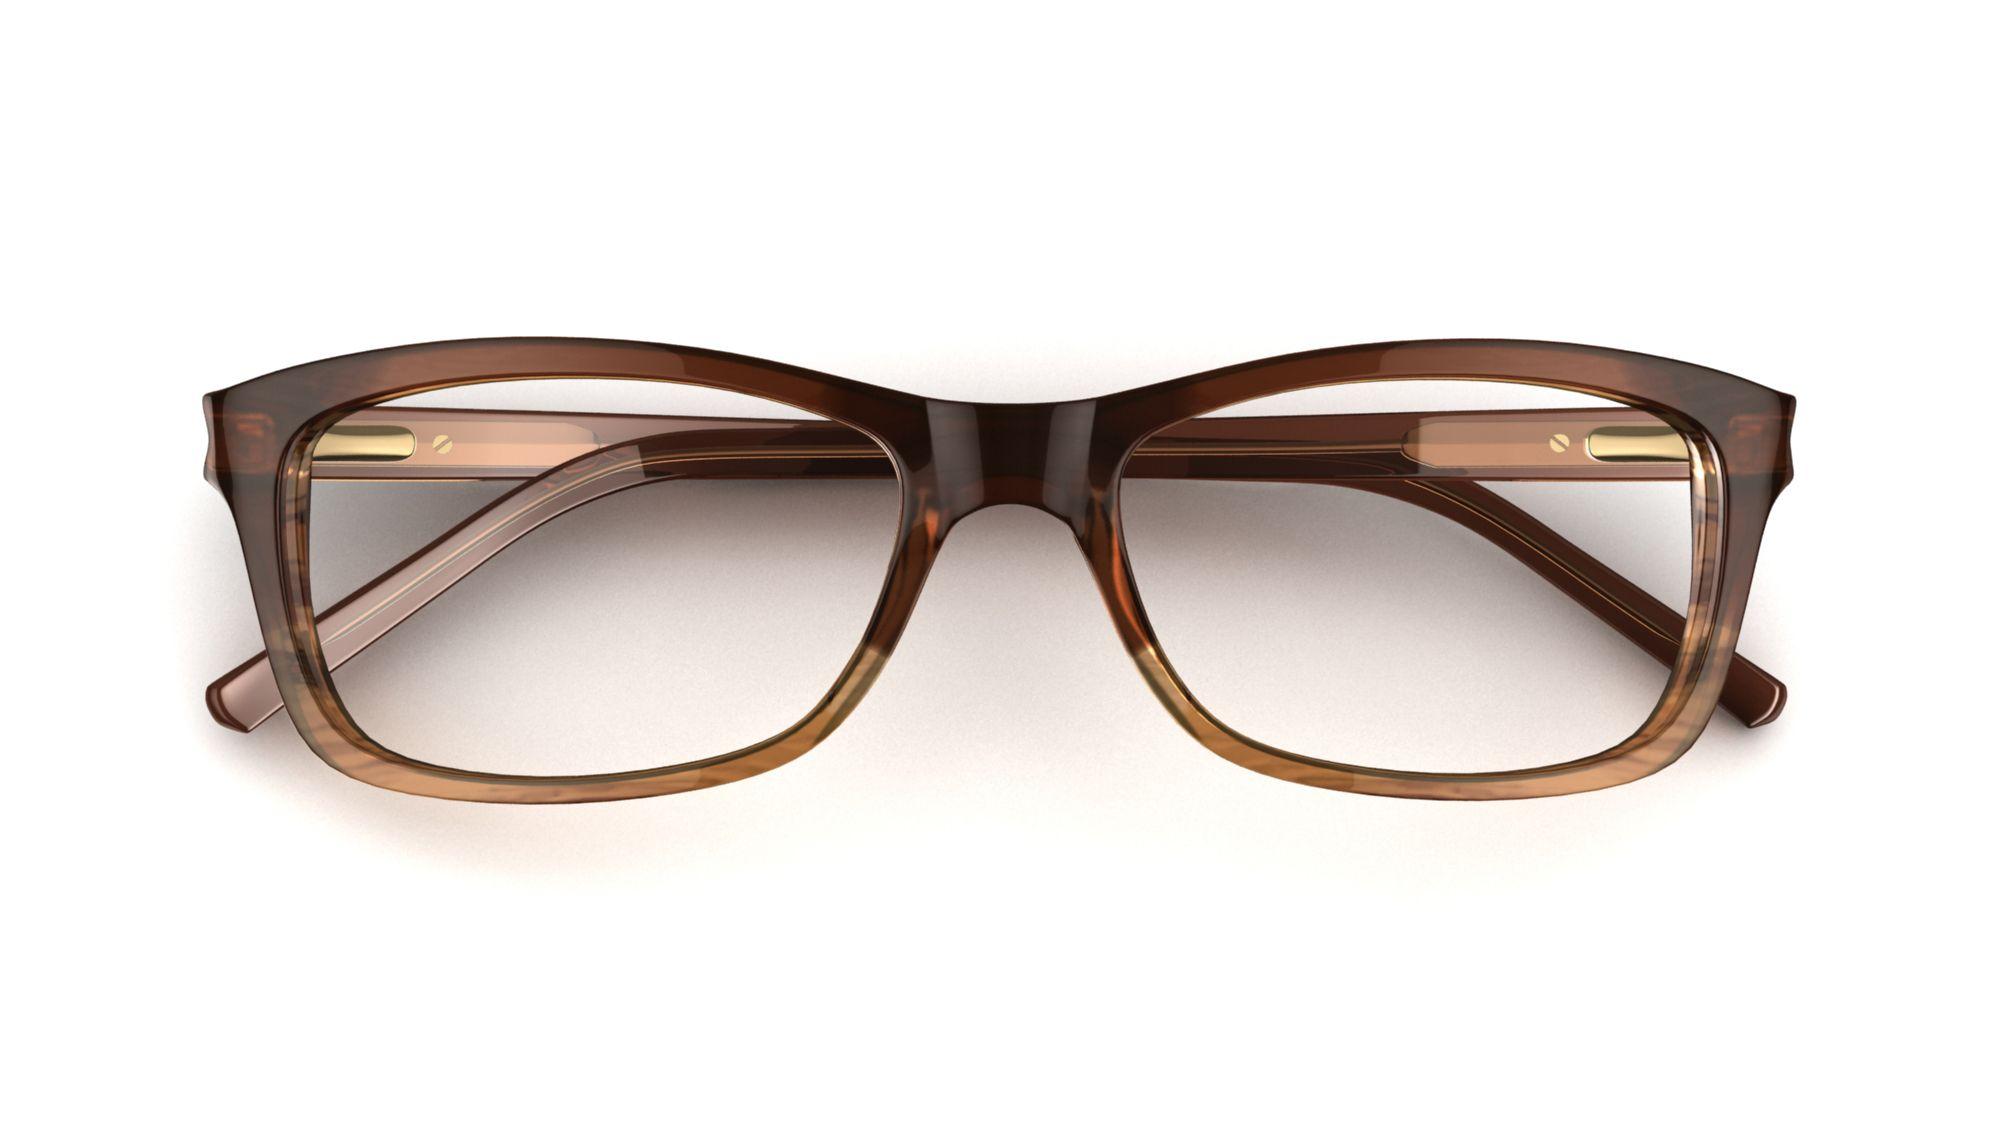 Karl Lagerfeld glasses - KL 18   anteojos opticos   Pinterest 4c9996d296